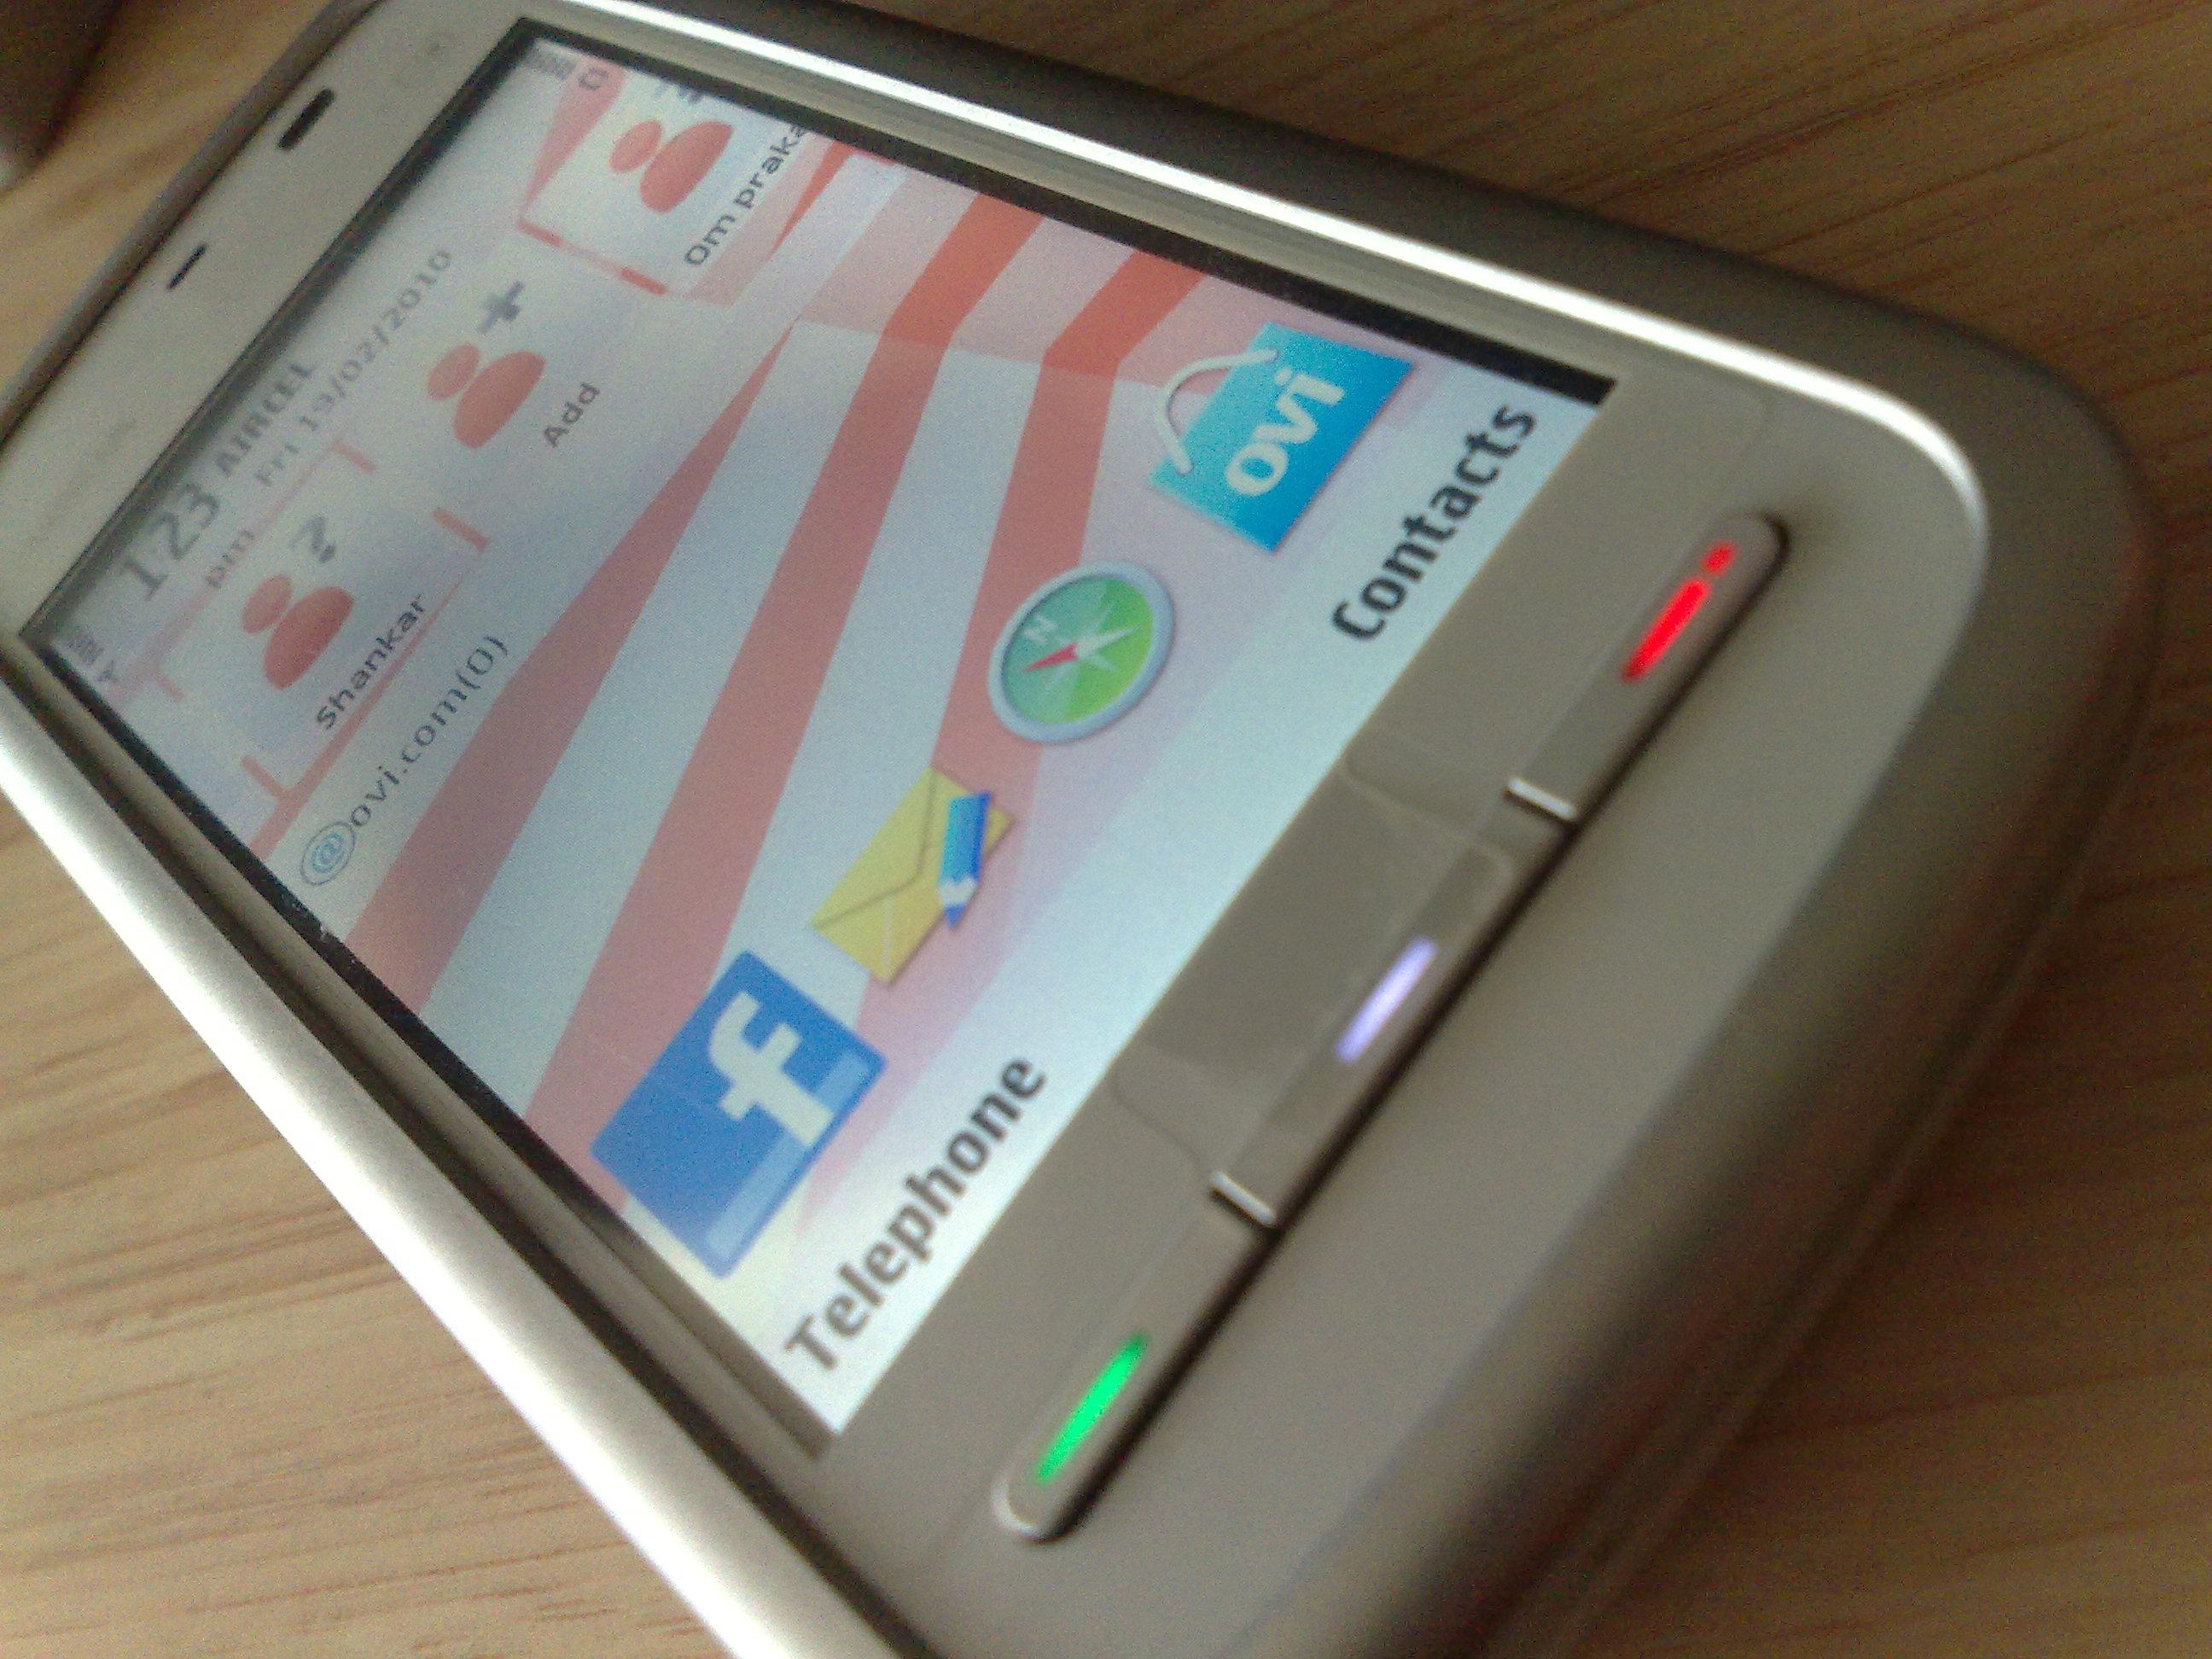 5233 | Aditya Singhvi's Phones